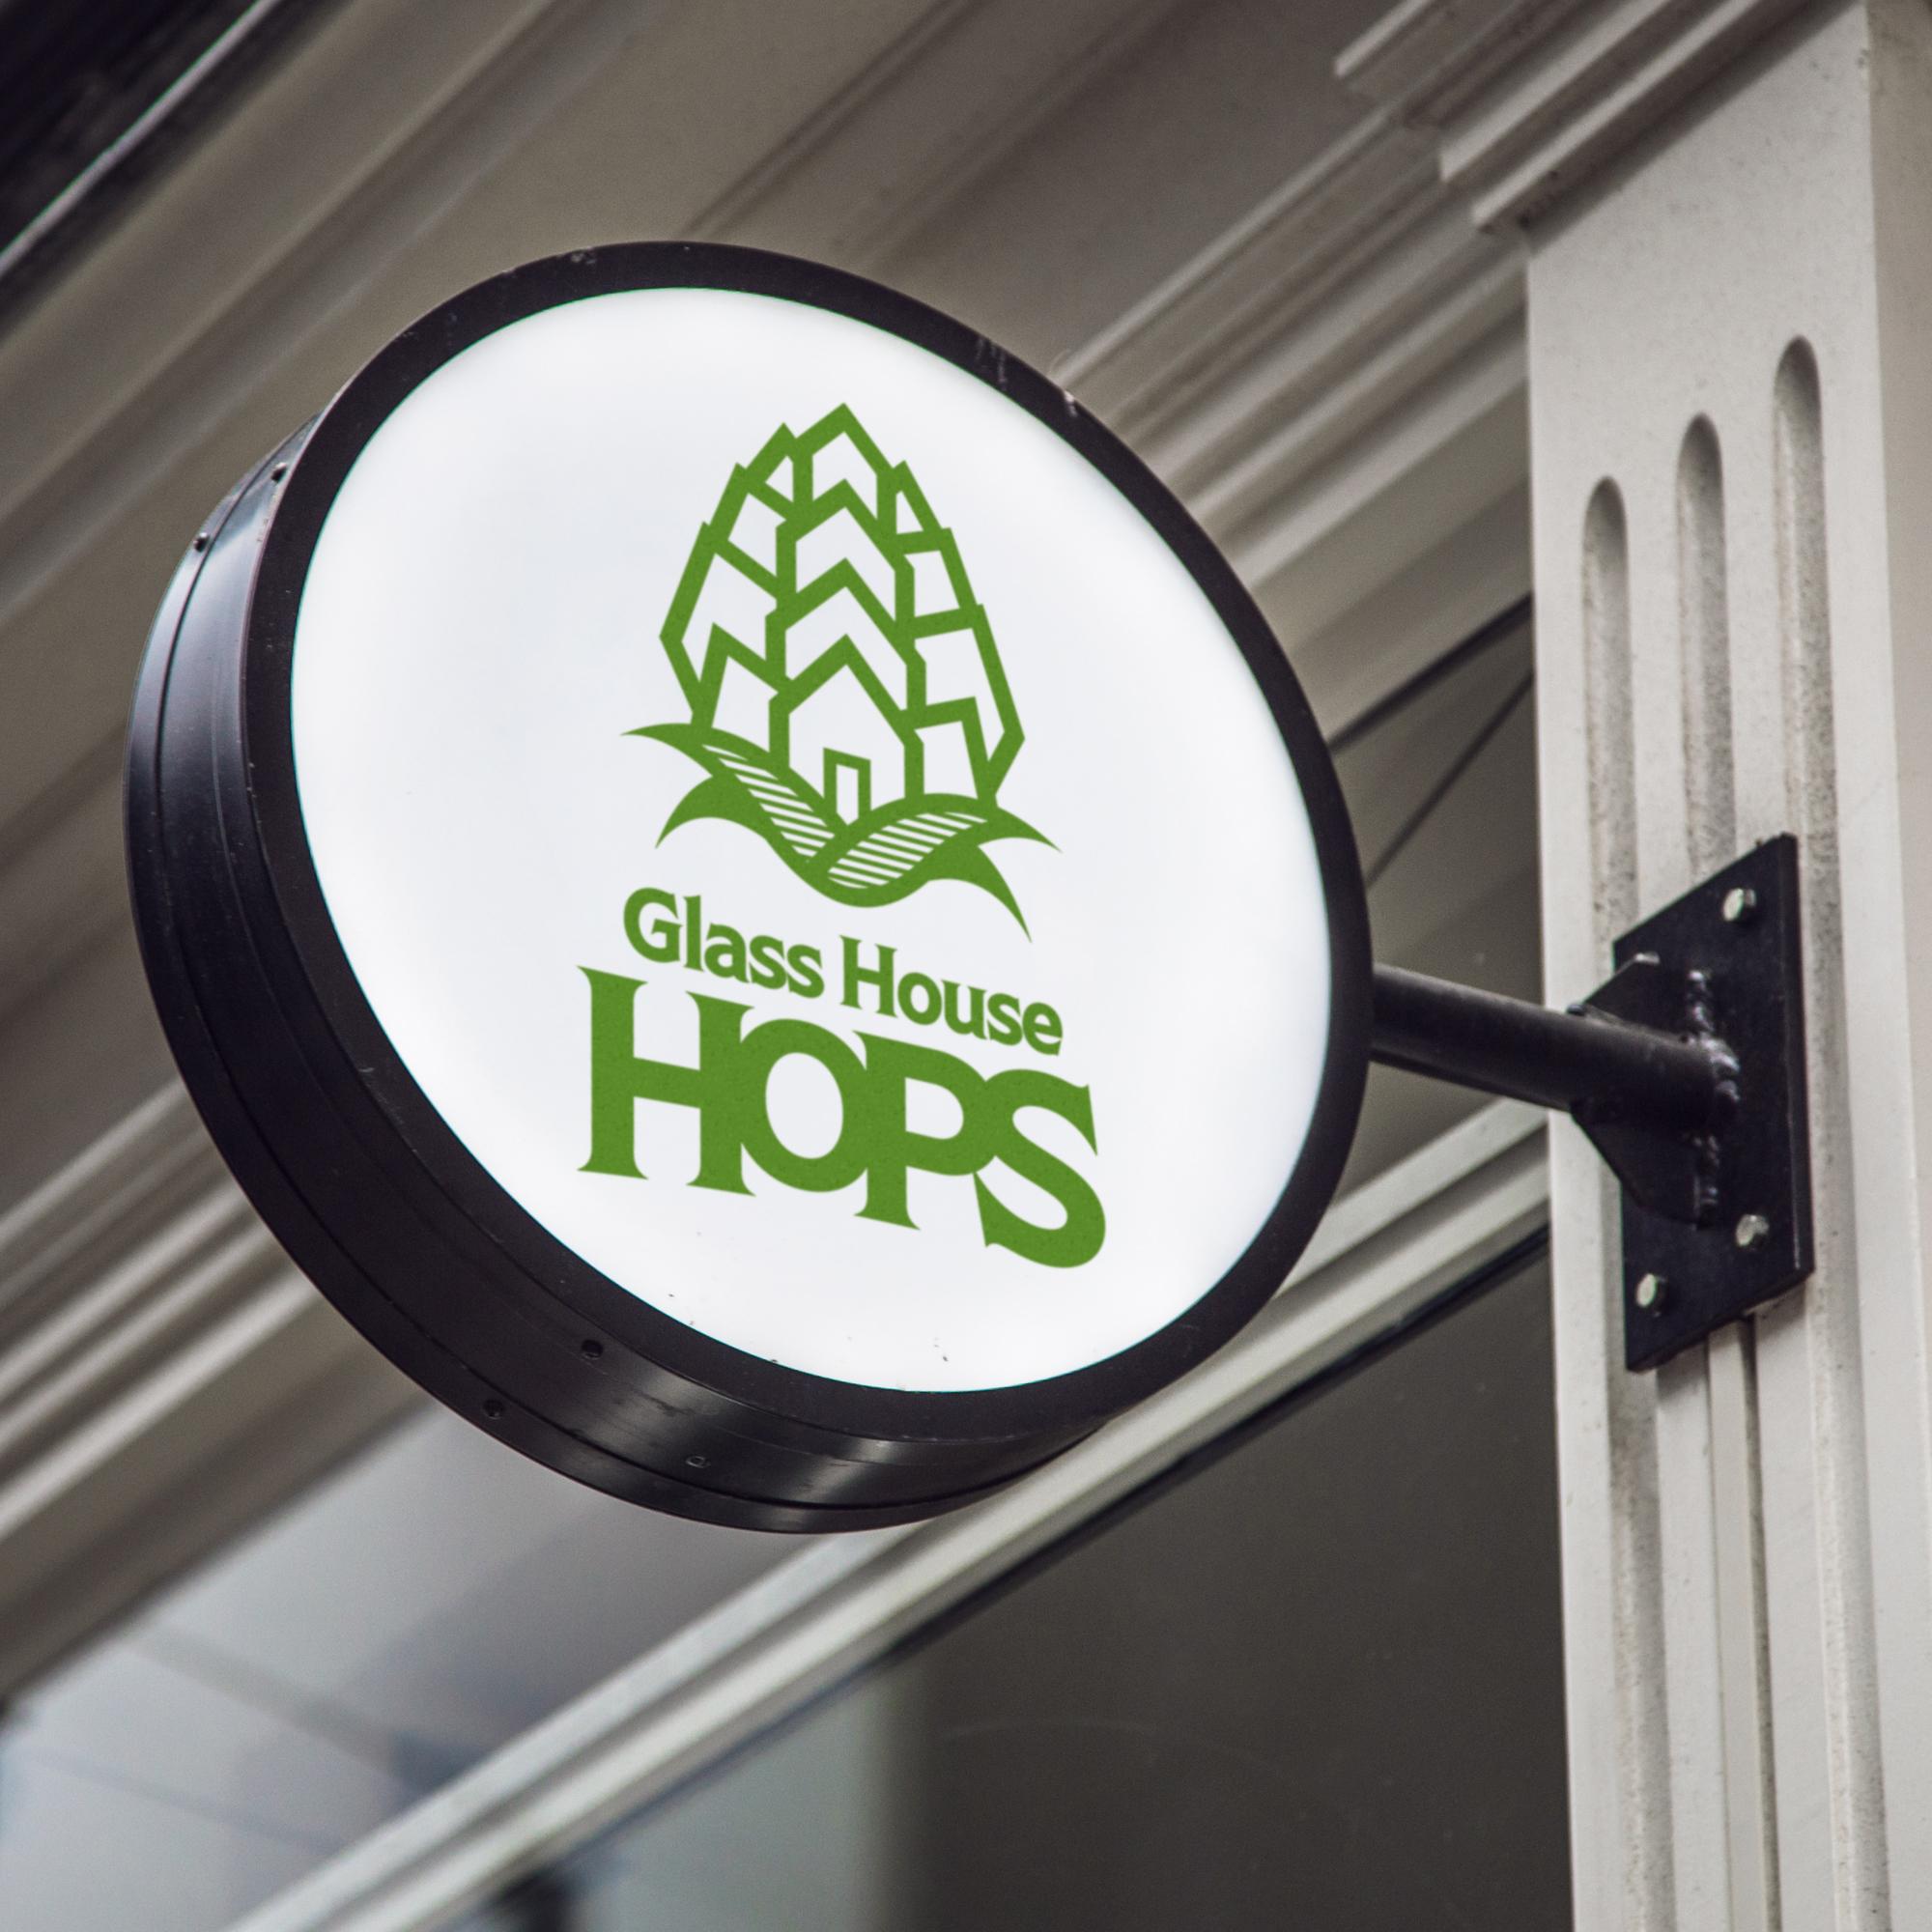 Glass House Hops | Branding + Print